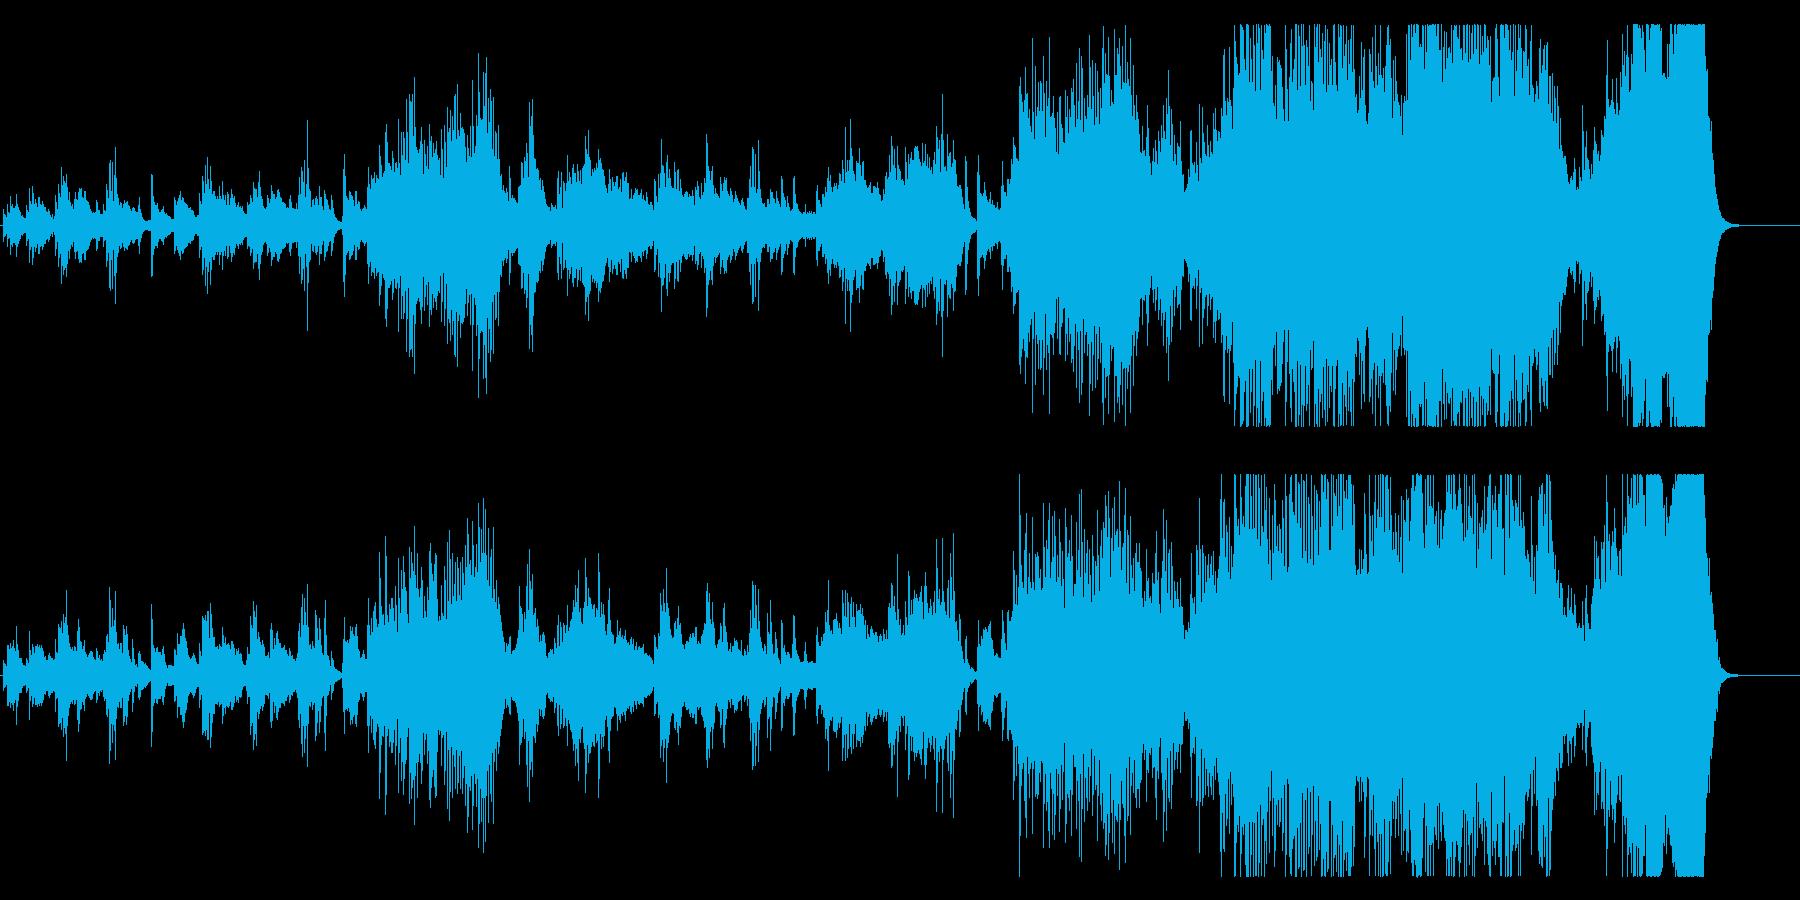 感動的で壮大 前向きなピアノバラードの再生済みの波形